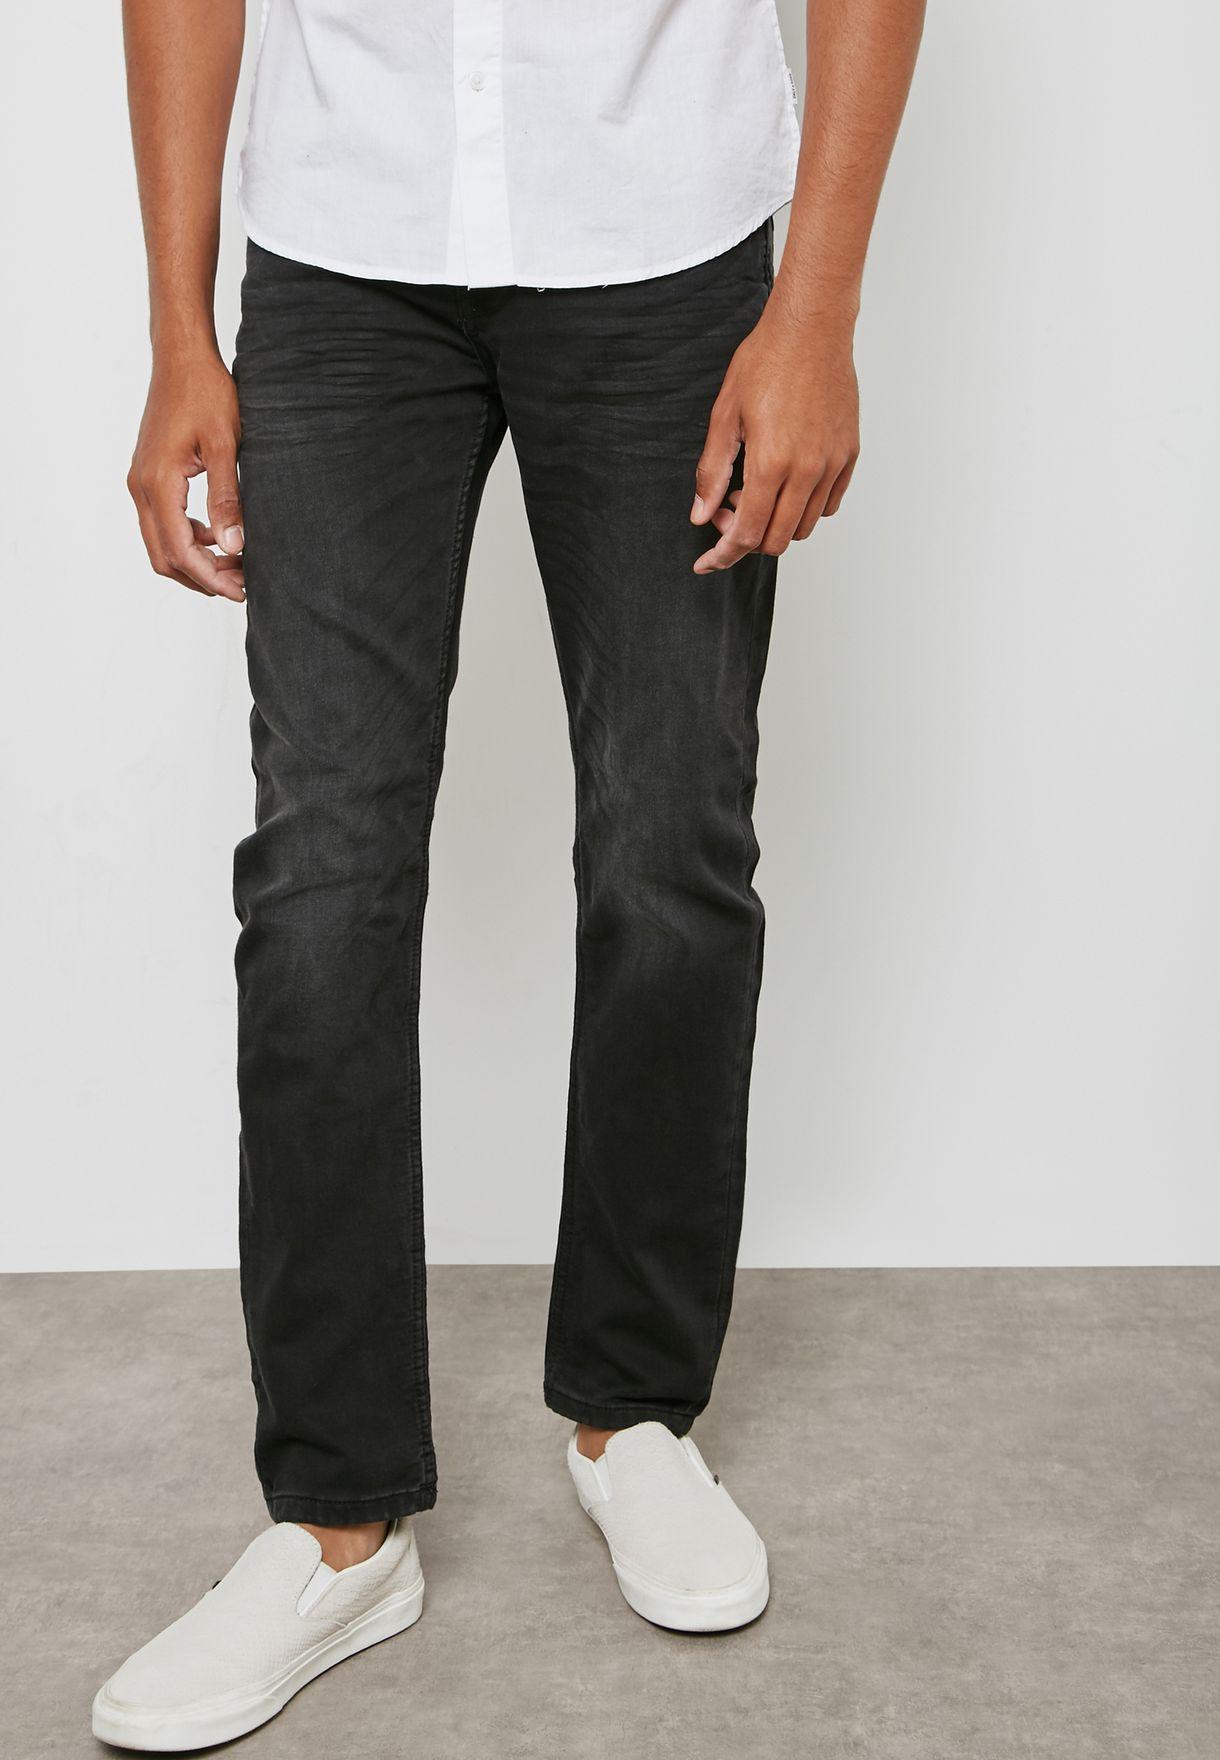 Loom Skinny Fit Jeans